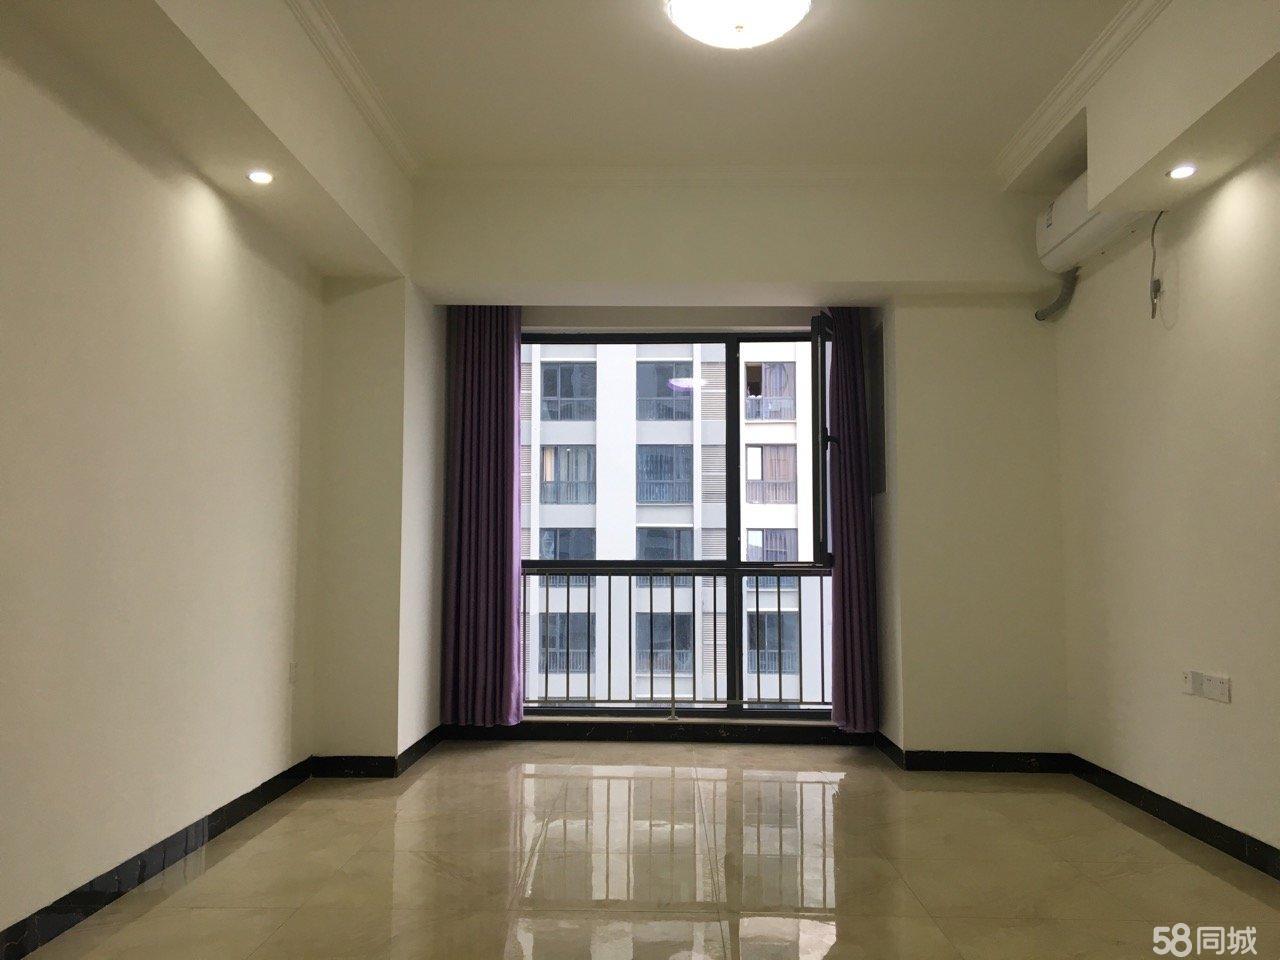 河东新区万达公寓1室1厅50平米精装修年付